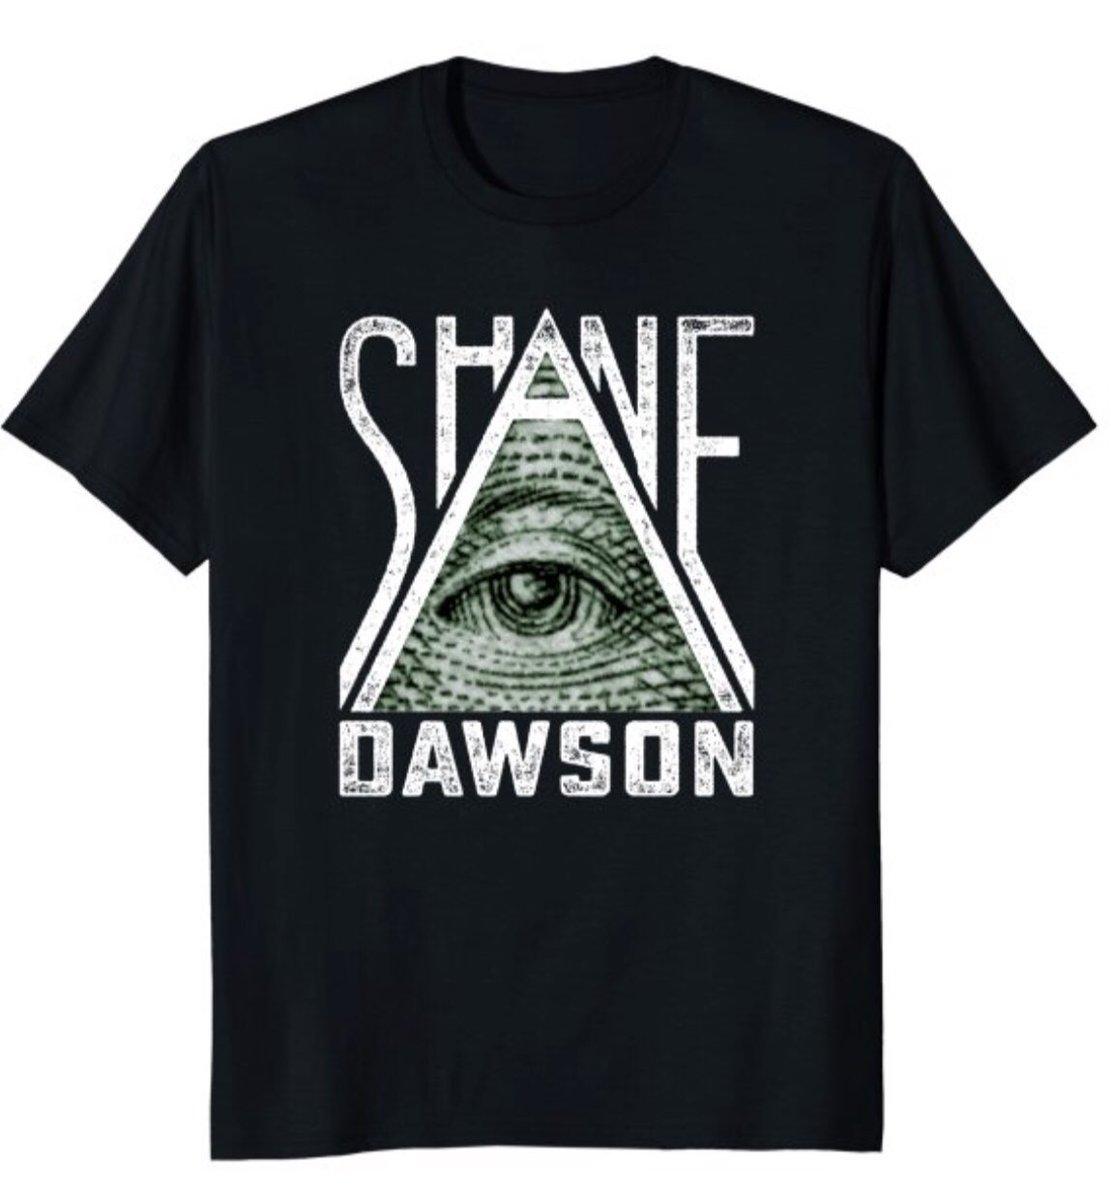 4f80c794b Shane Dawson on Twitter: